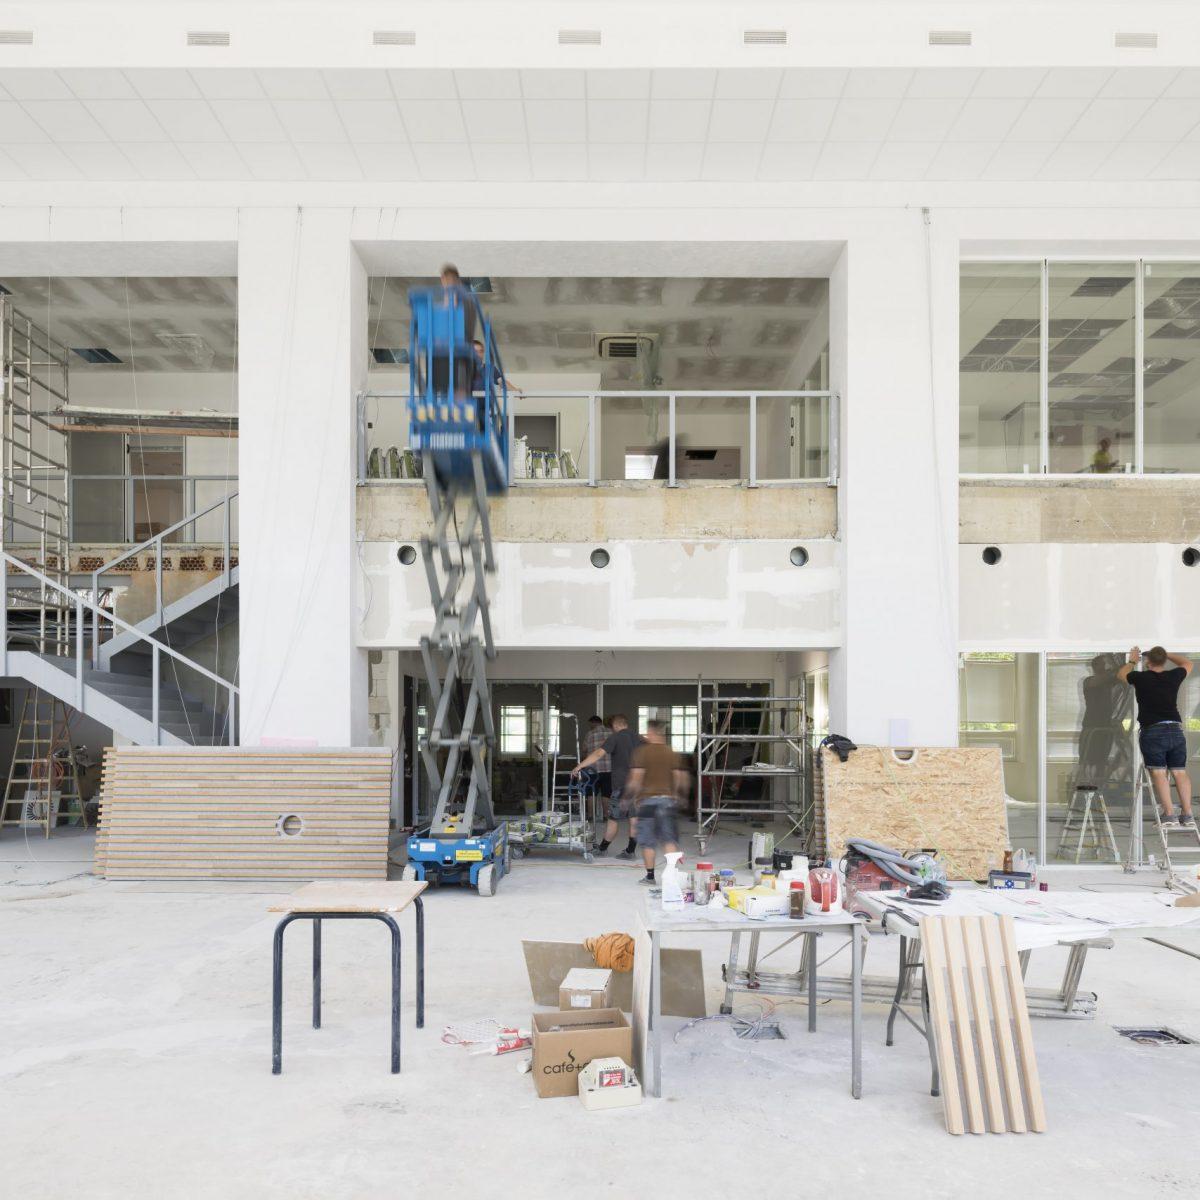 Rekonstrukce školní knihovny a IdeaLab v International School of Prague v Nebušicích